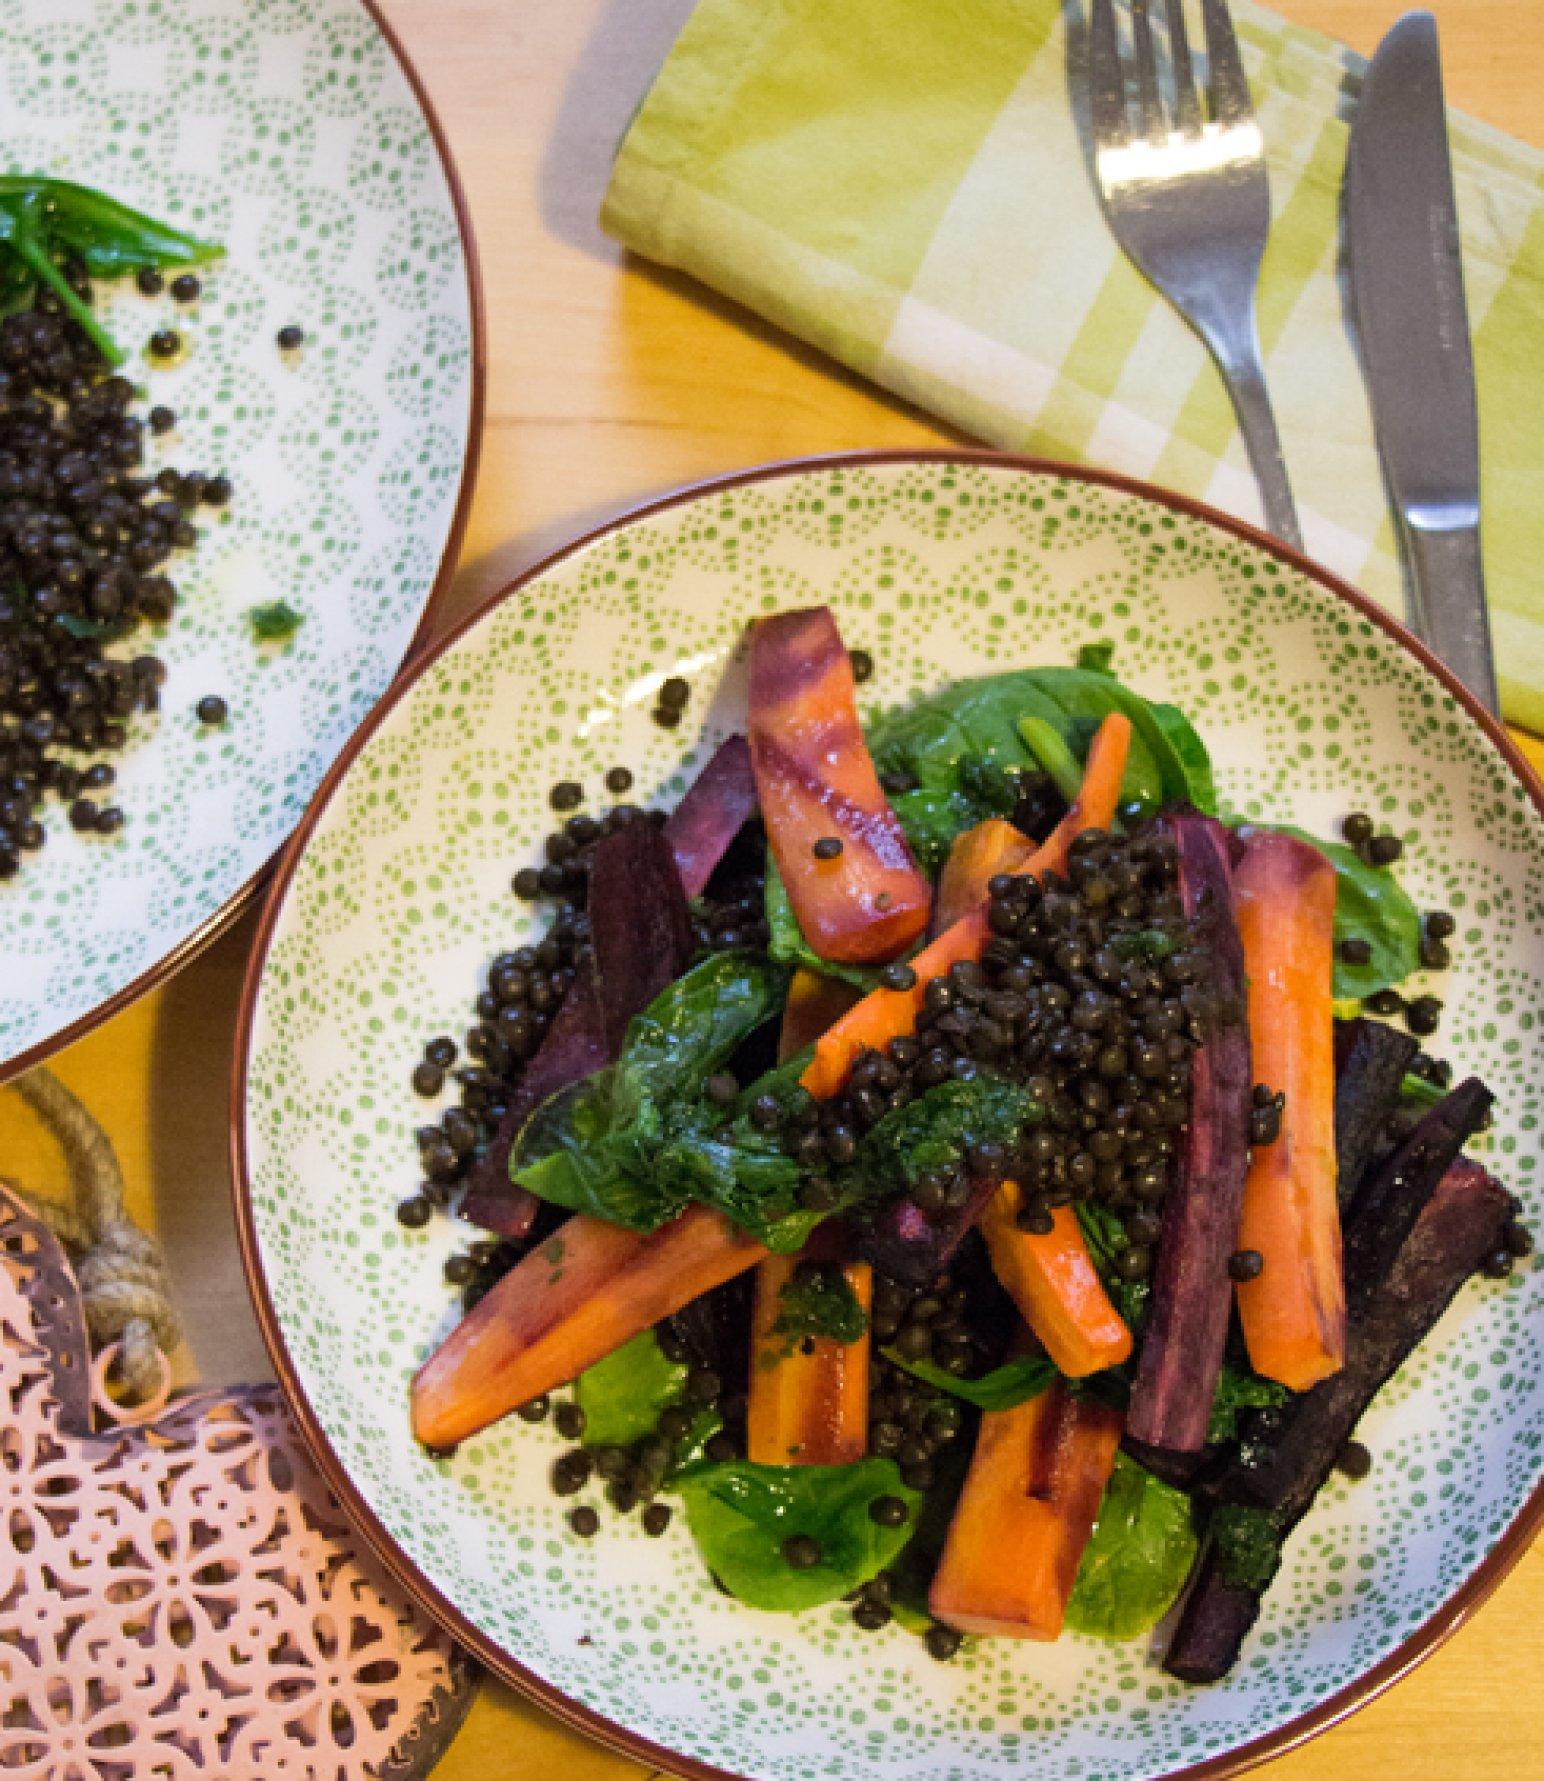 Bunte Karotten, Linsen, Spinat